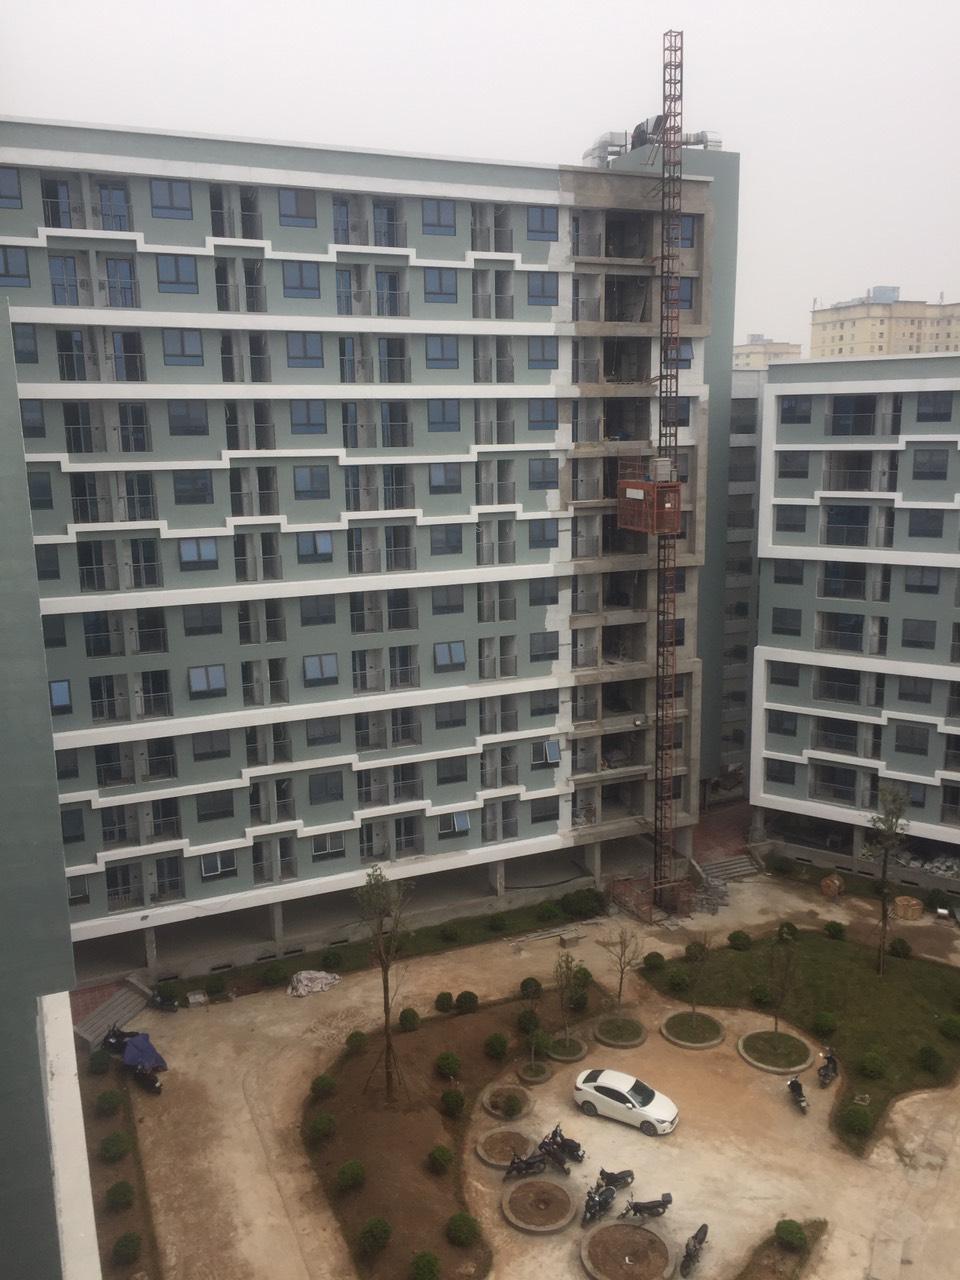 Lắp đặt cửa thép tại công trình chung cư Kim Chung Hà Nội